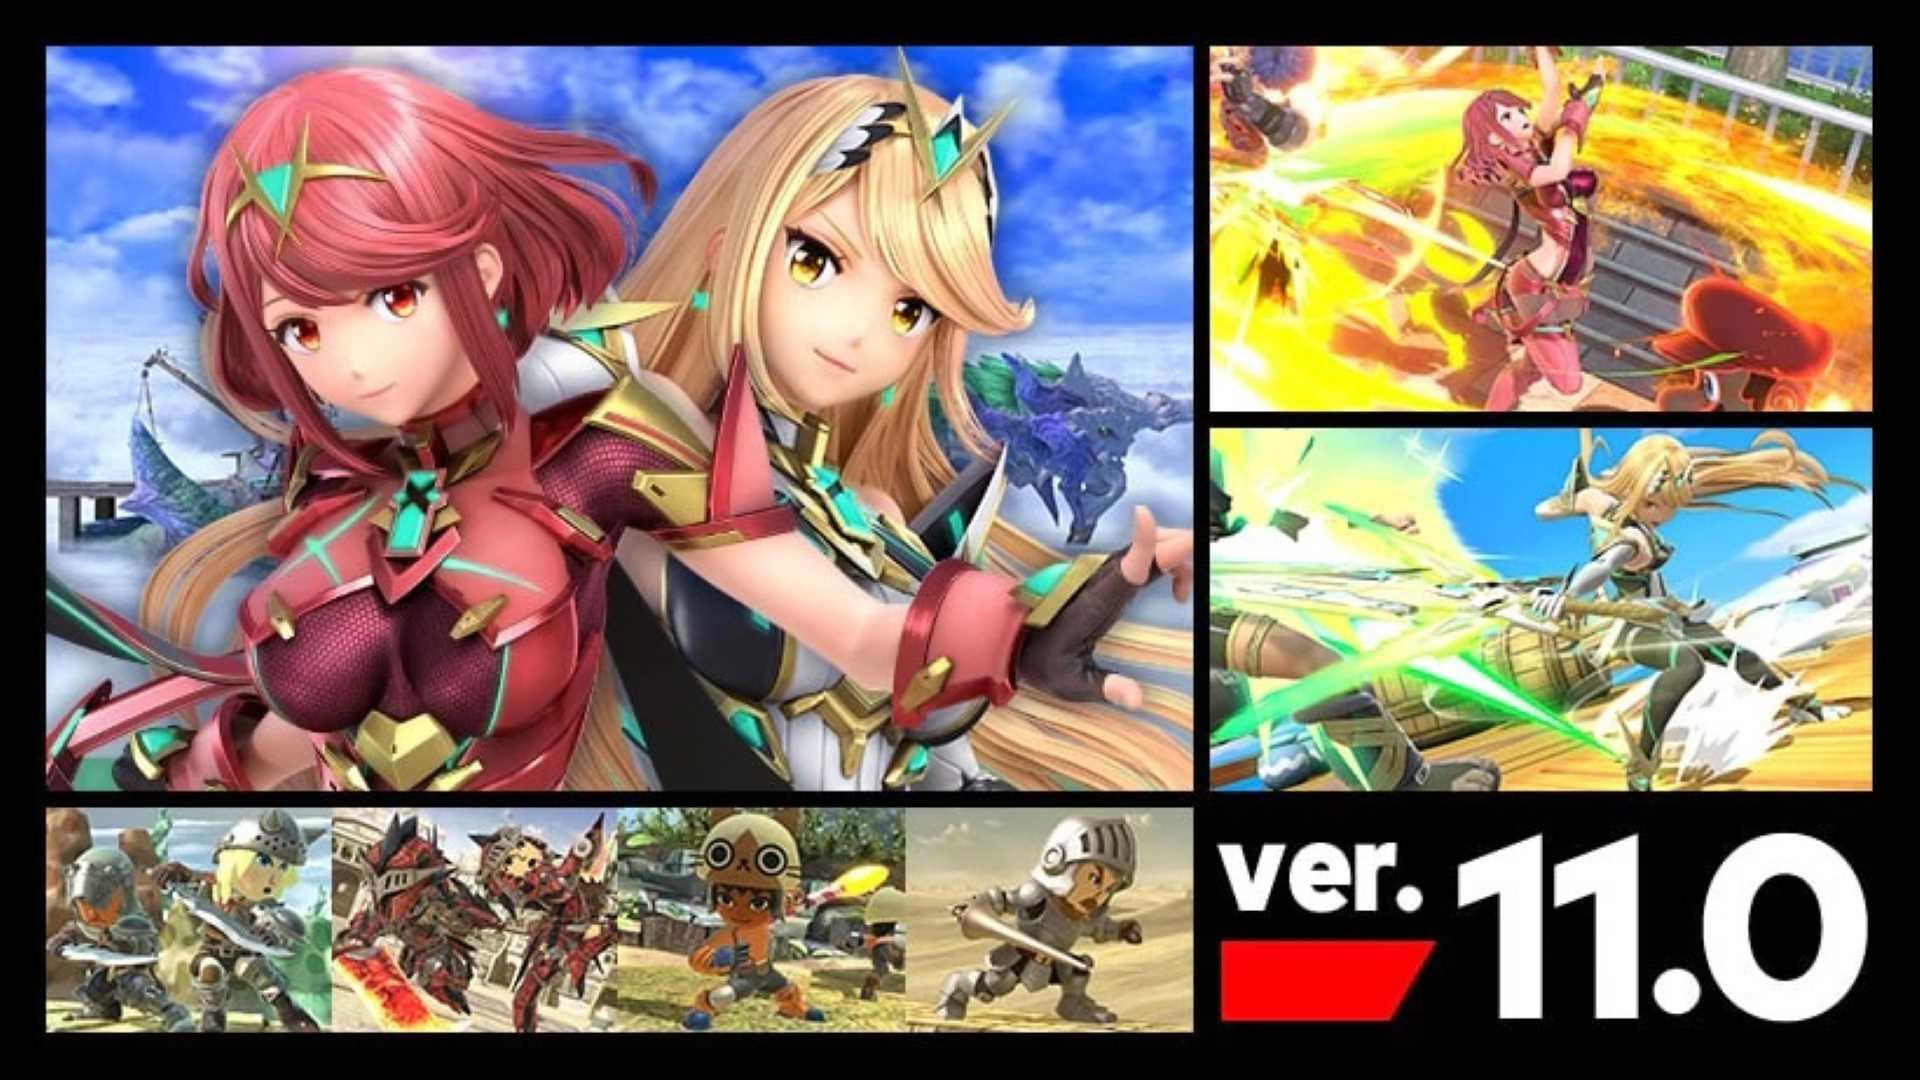 Super Smash Bros Pyra Mythra Ver 11.0